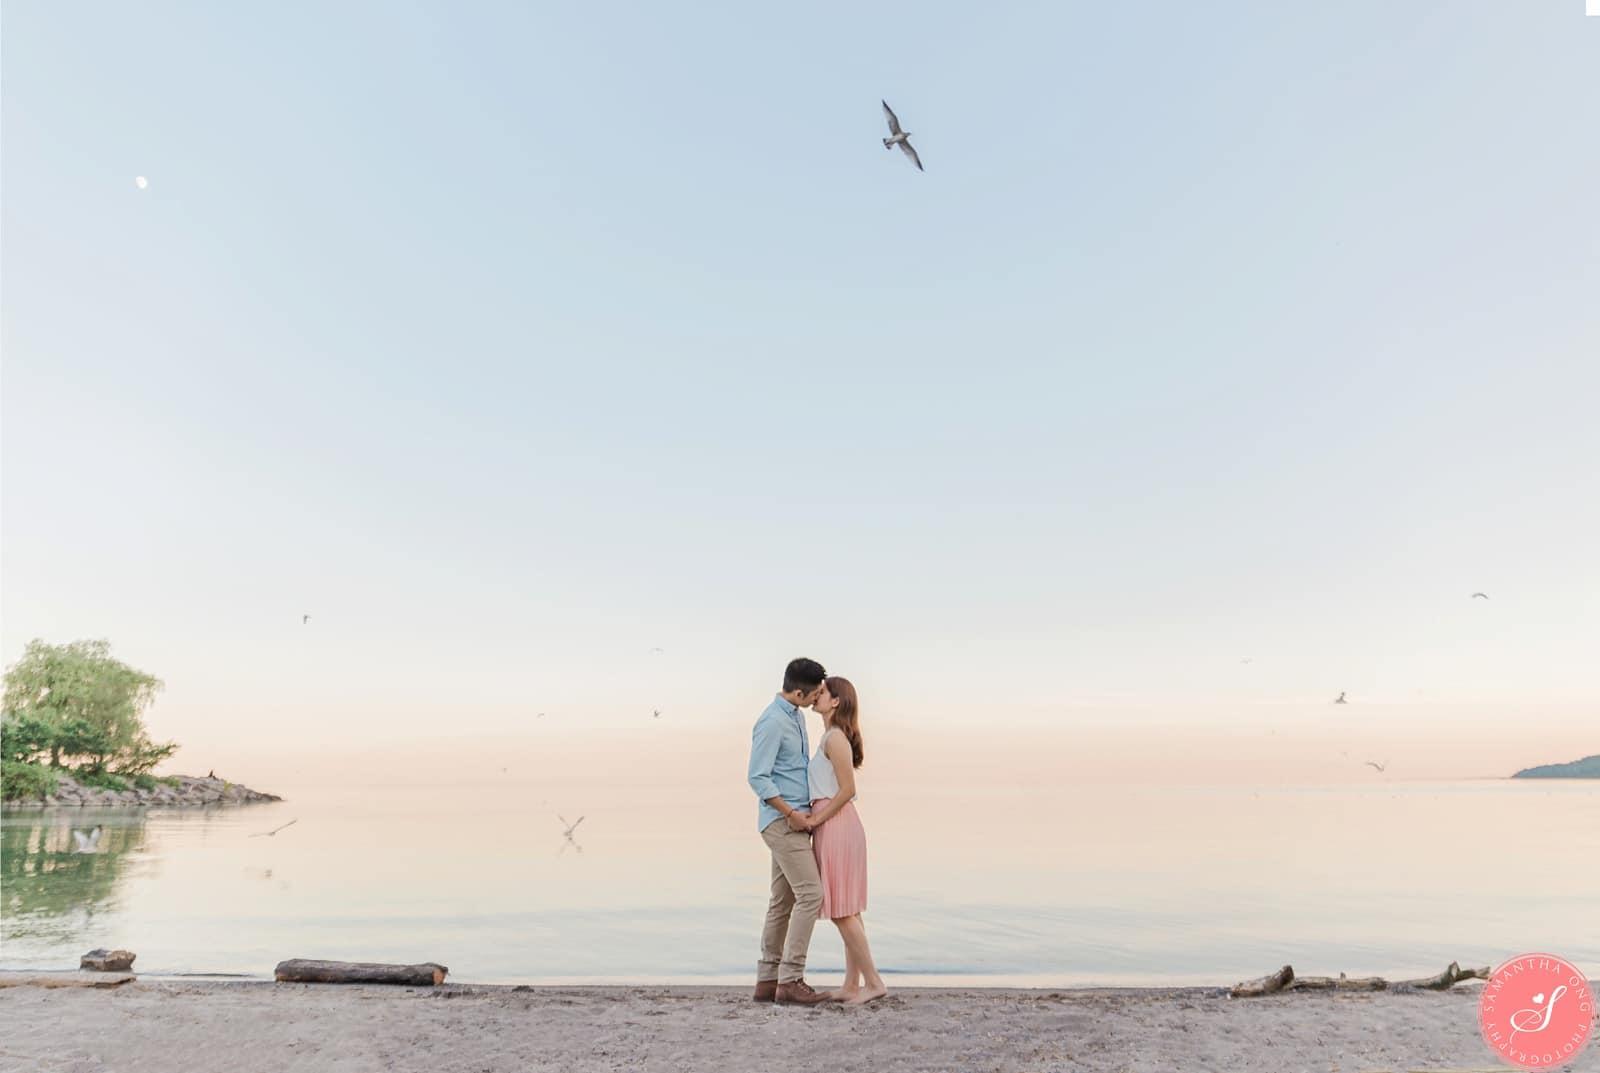 Soooo romantic i love it adoro como se hacen los dos - 3 part 3